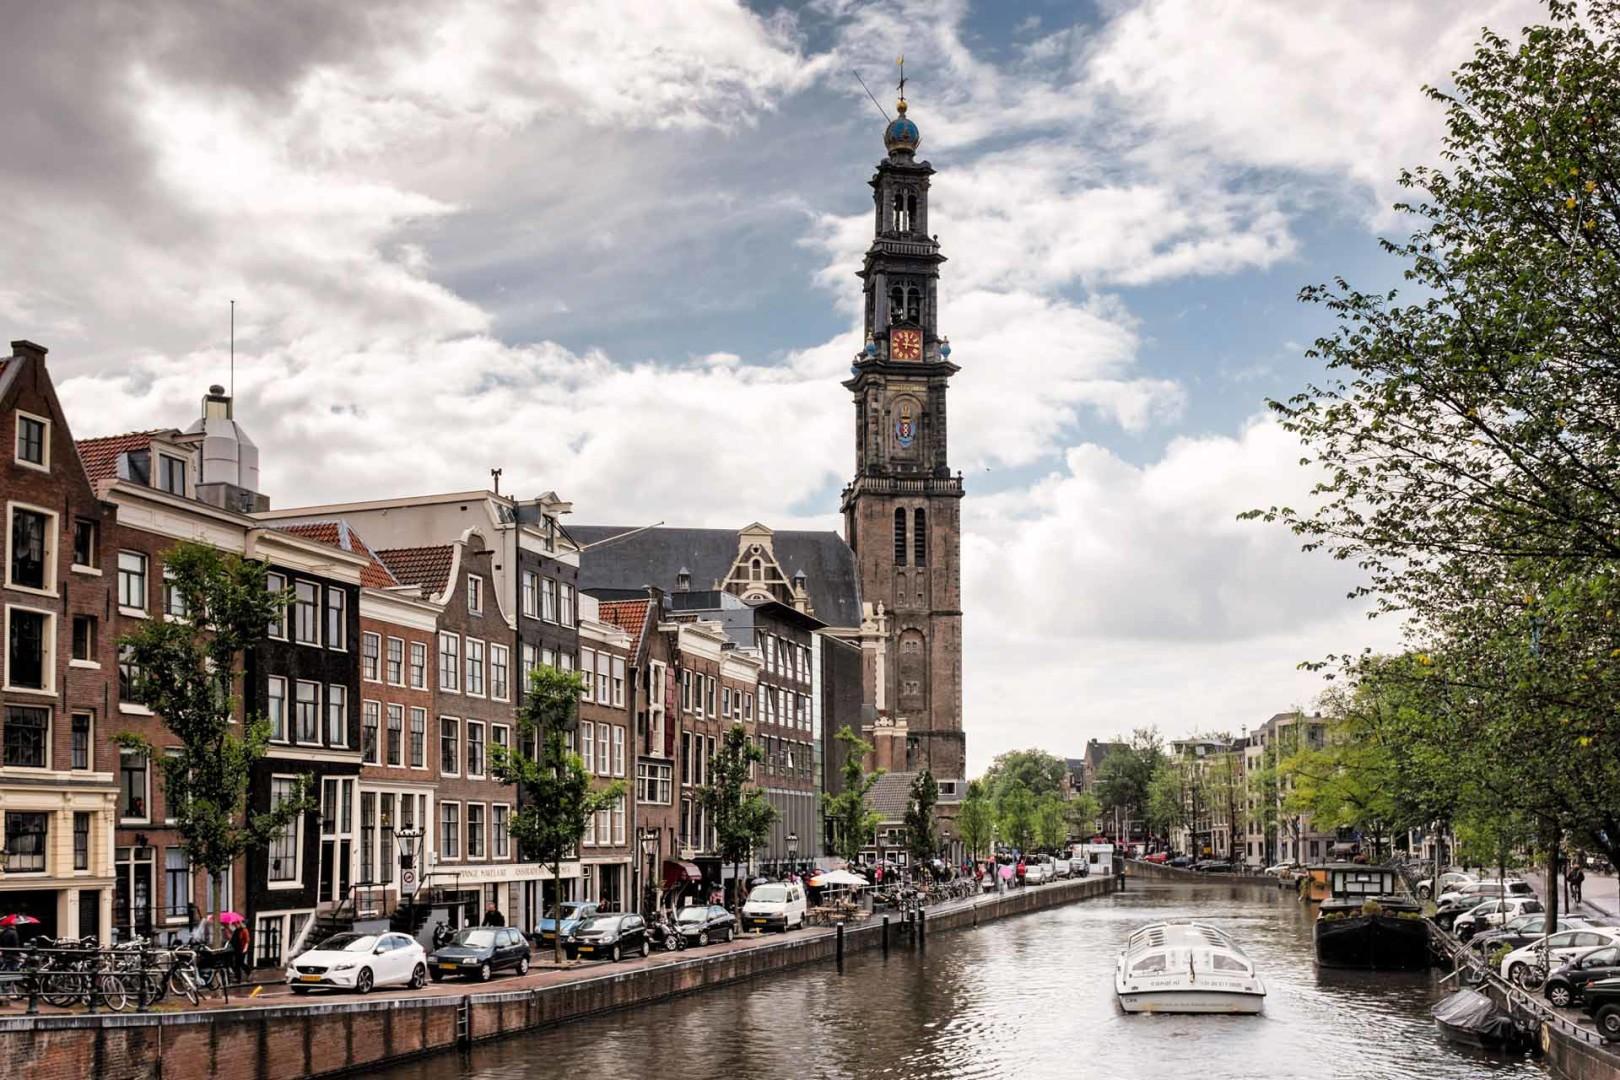 Westerkerk Church canal Amsterdam Netherlands